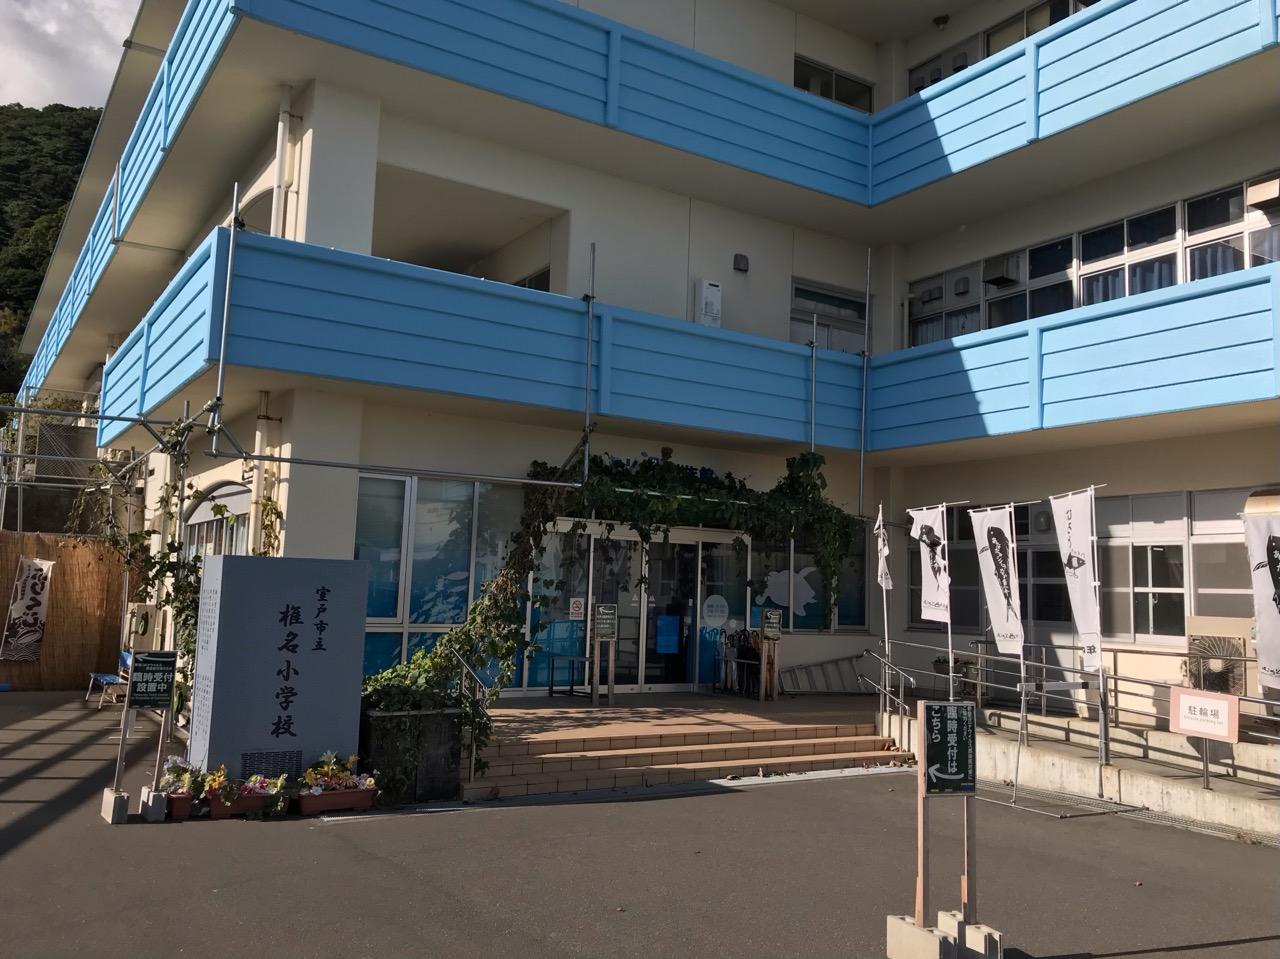 たびごと むろと廃校水族館 高知県